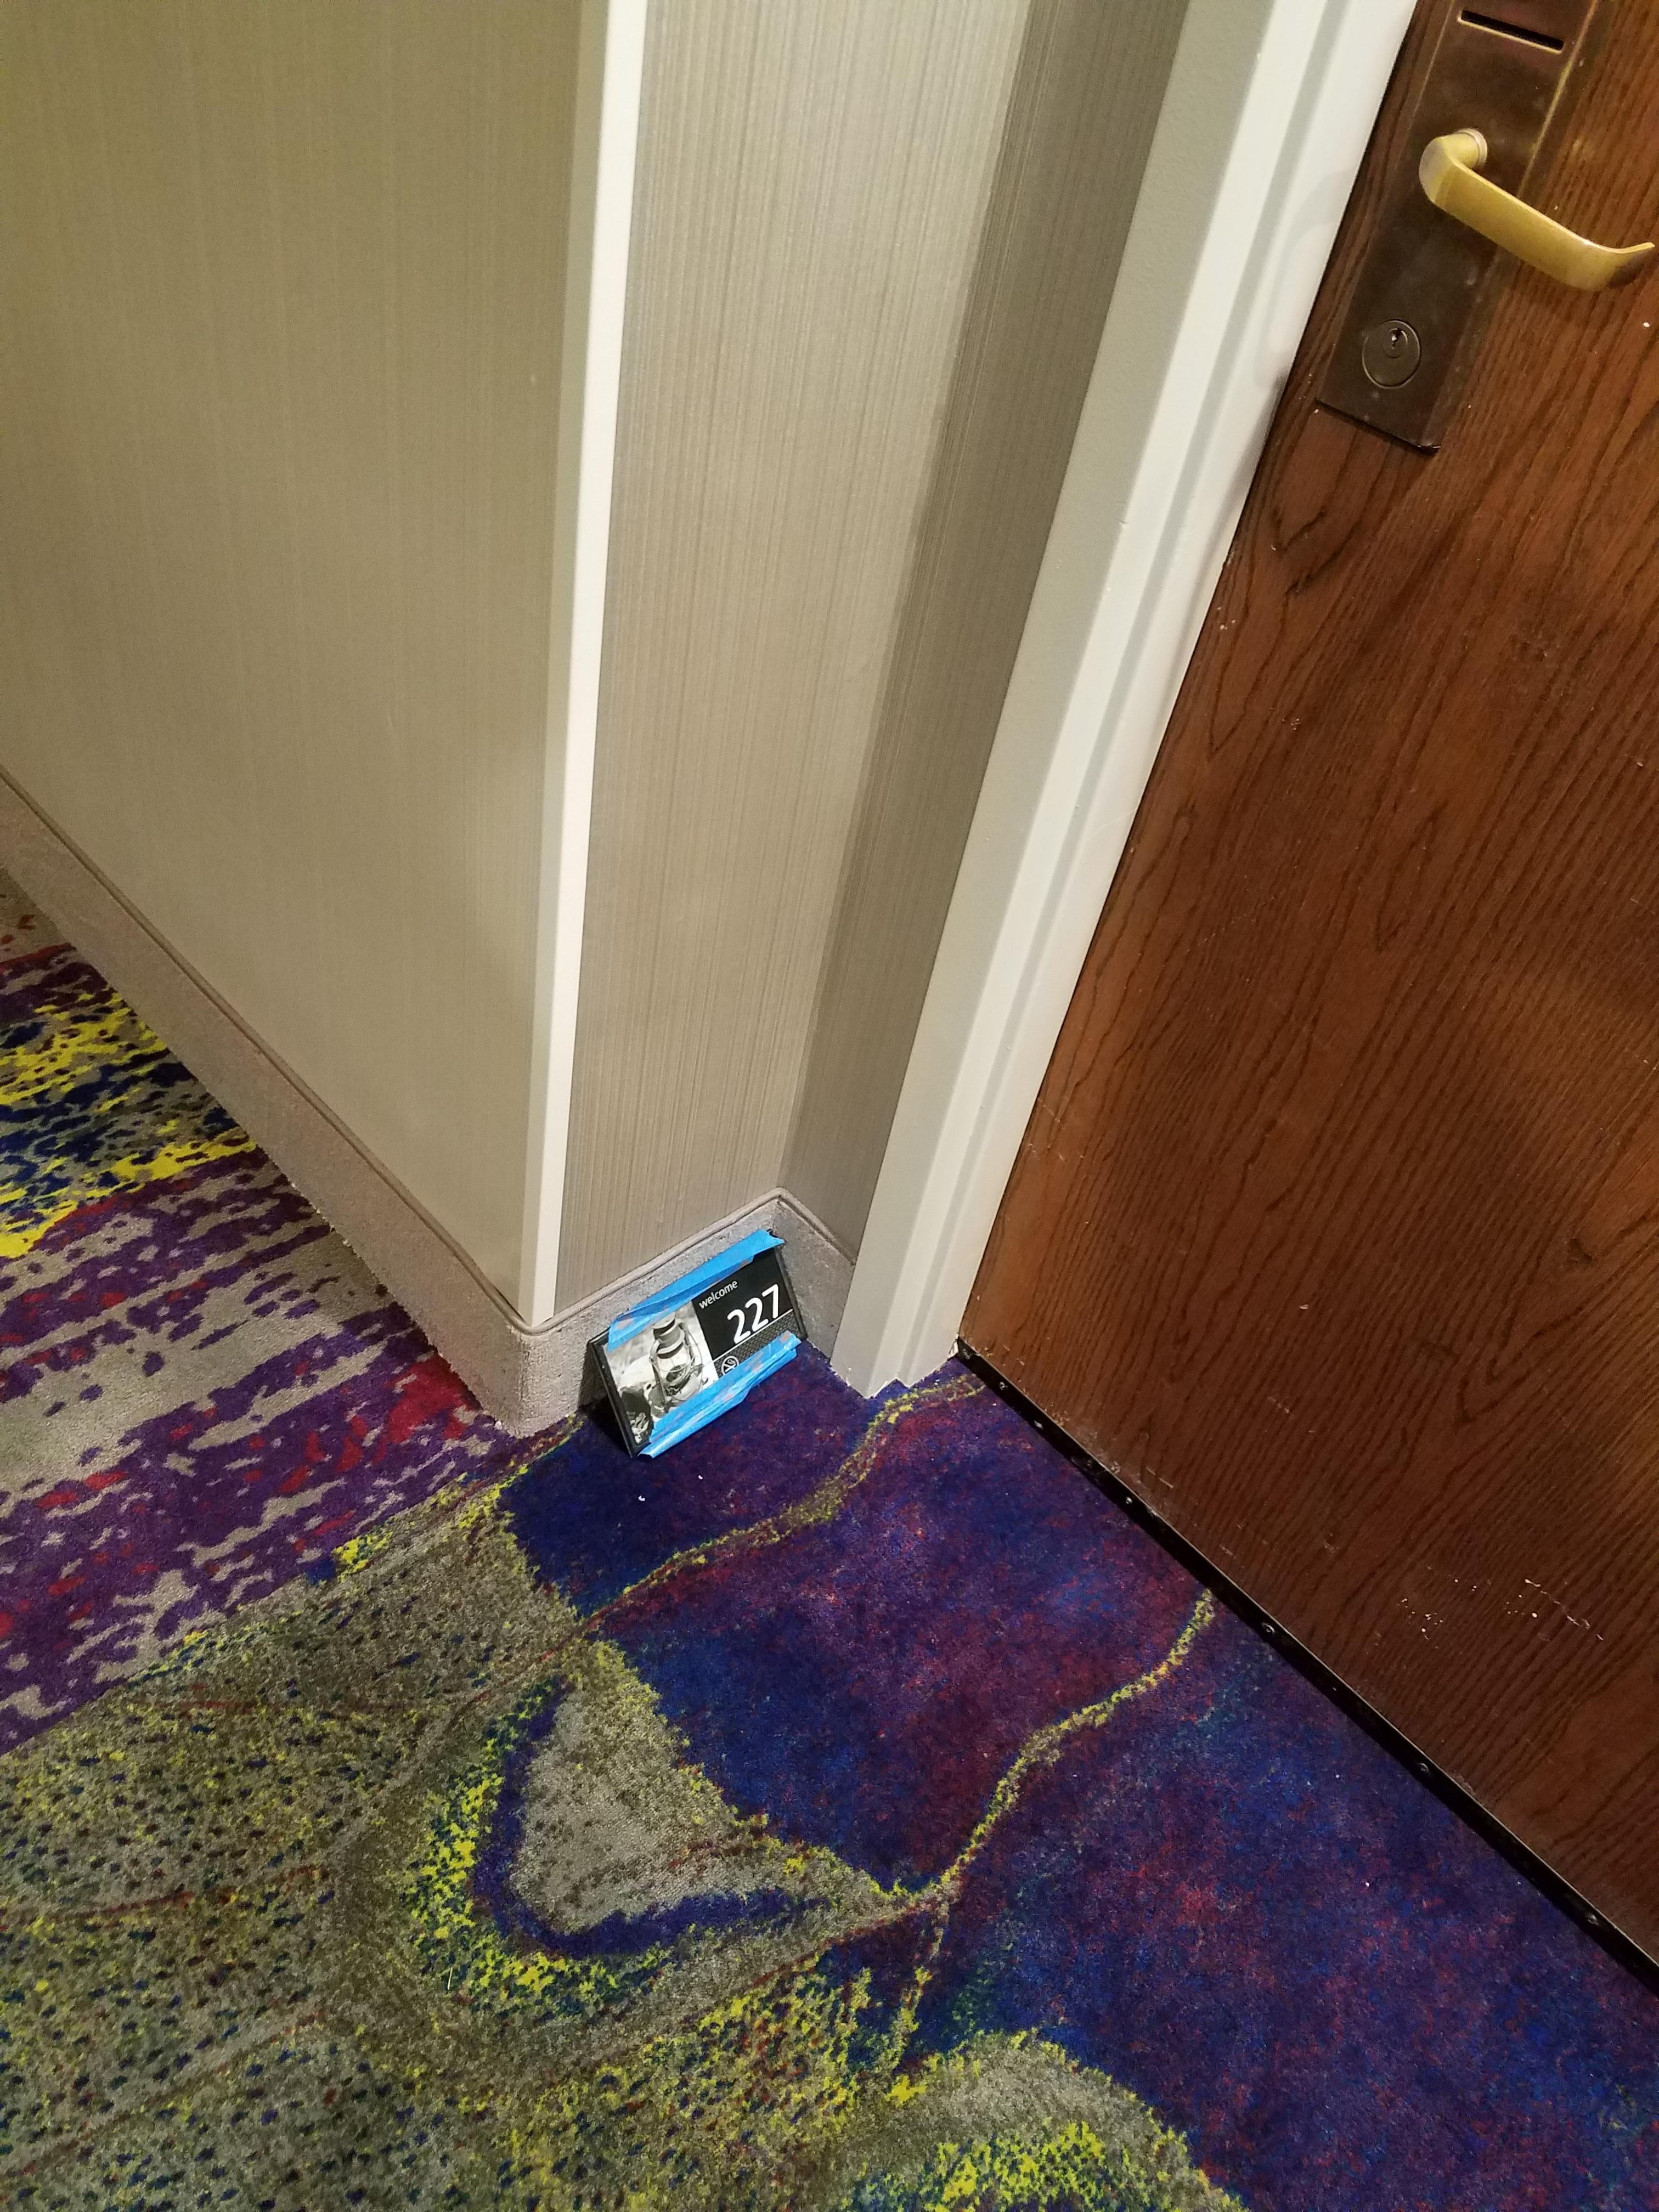 Room numbers on the floor by the door